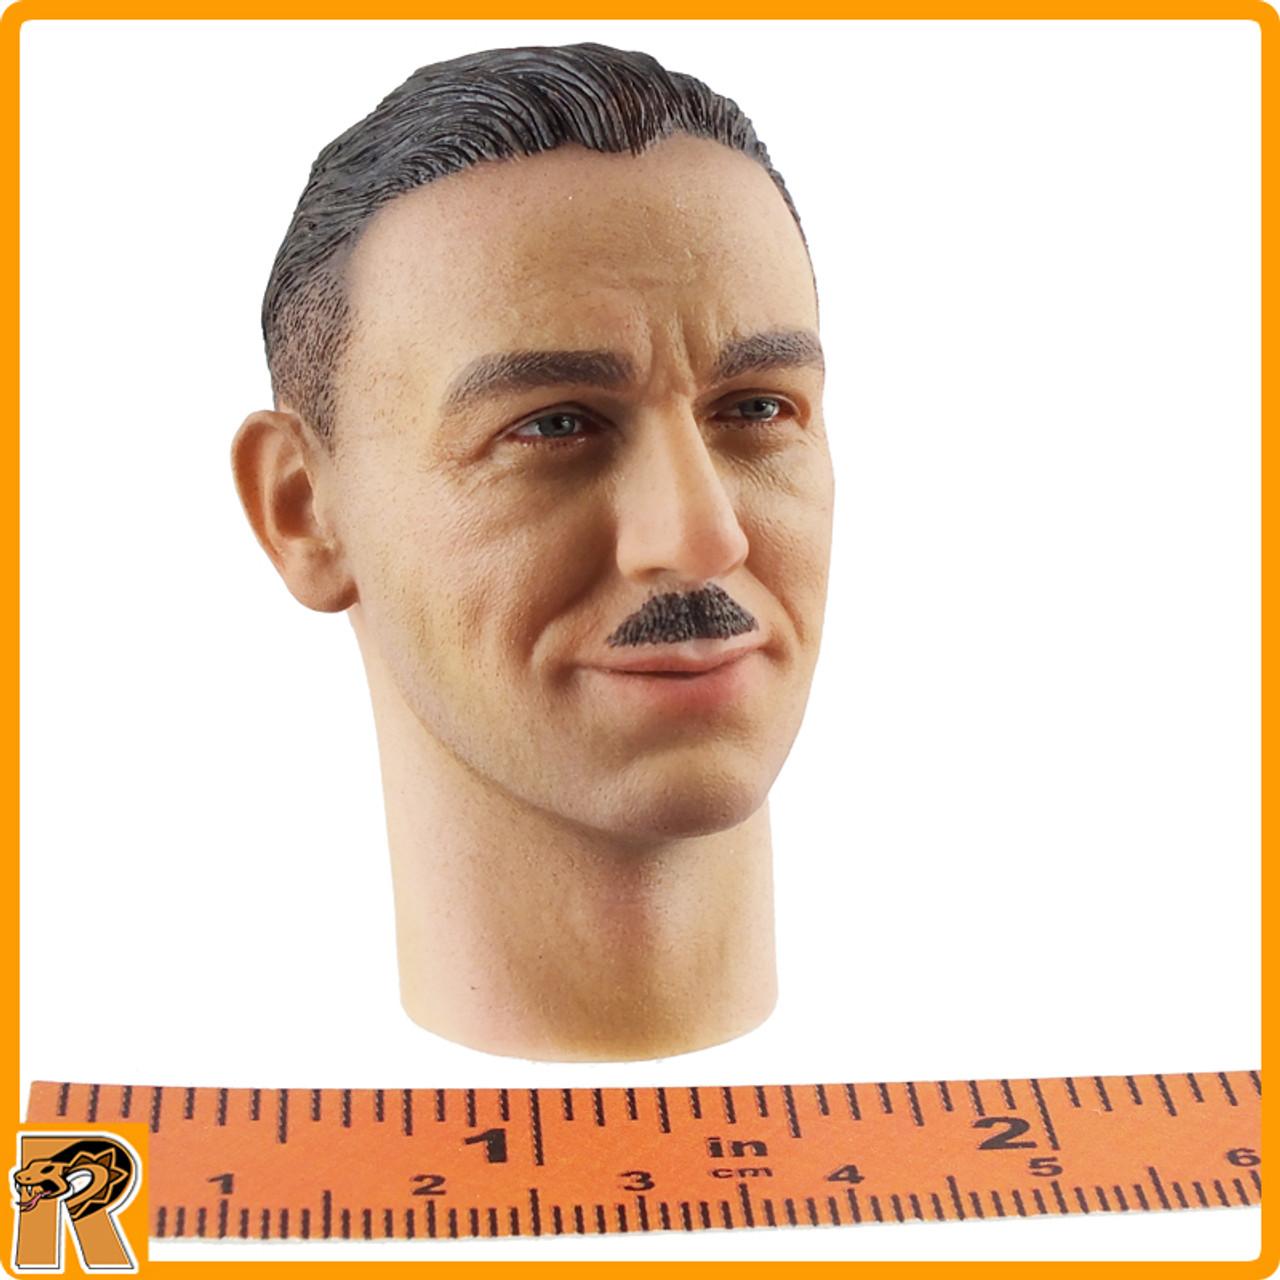 Kurt Meyer - Smiling Head w/ Mustache - 1/6 Scale -